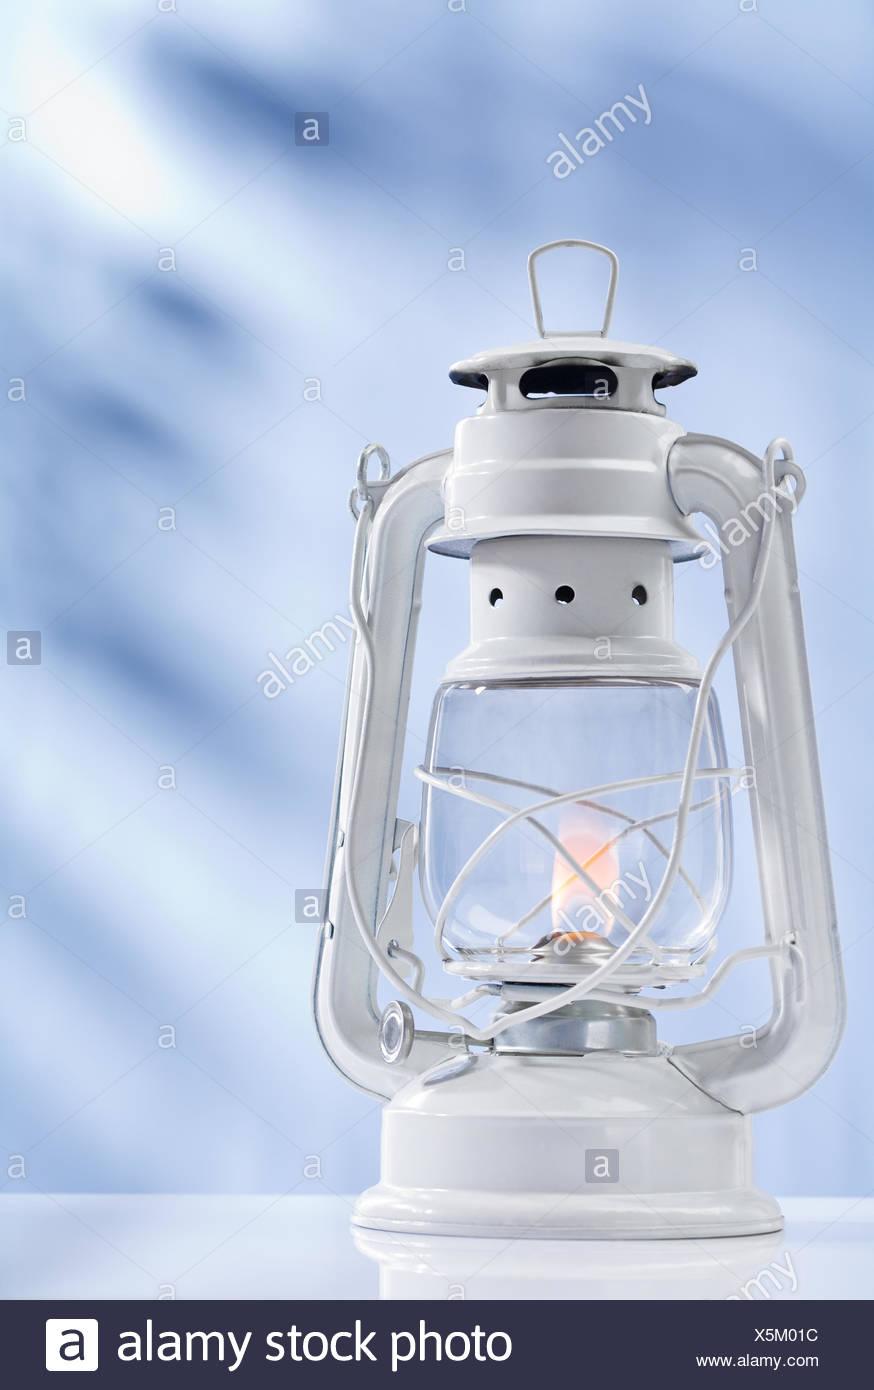 kerosene lamp on blue background - Stock Image